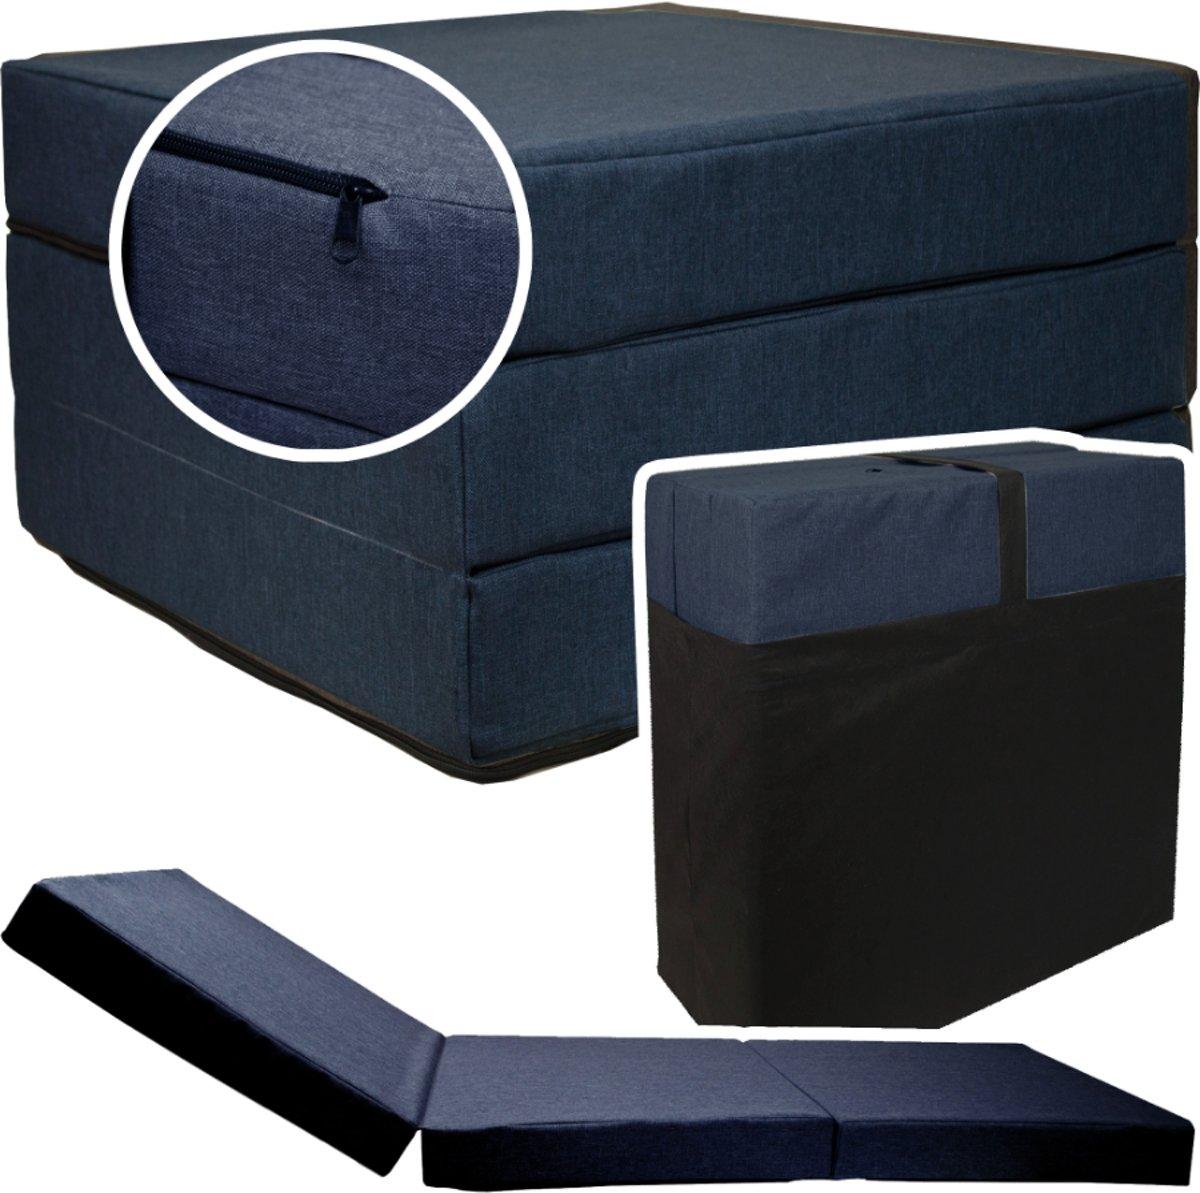 Logeermatras - navy blauw - camping matras - reismatras - opvouwbaar matras - 195 x 65 x 10